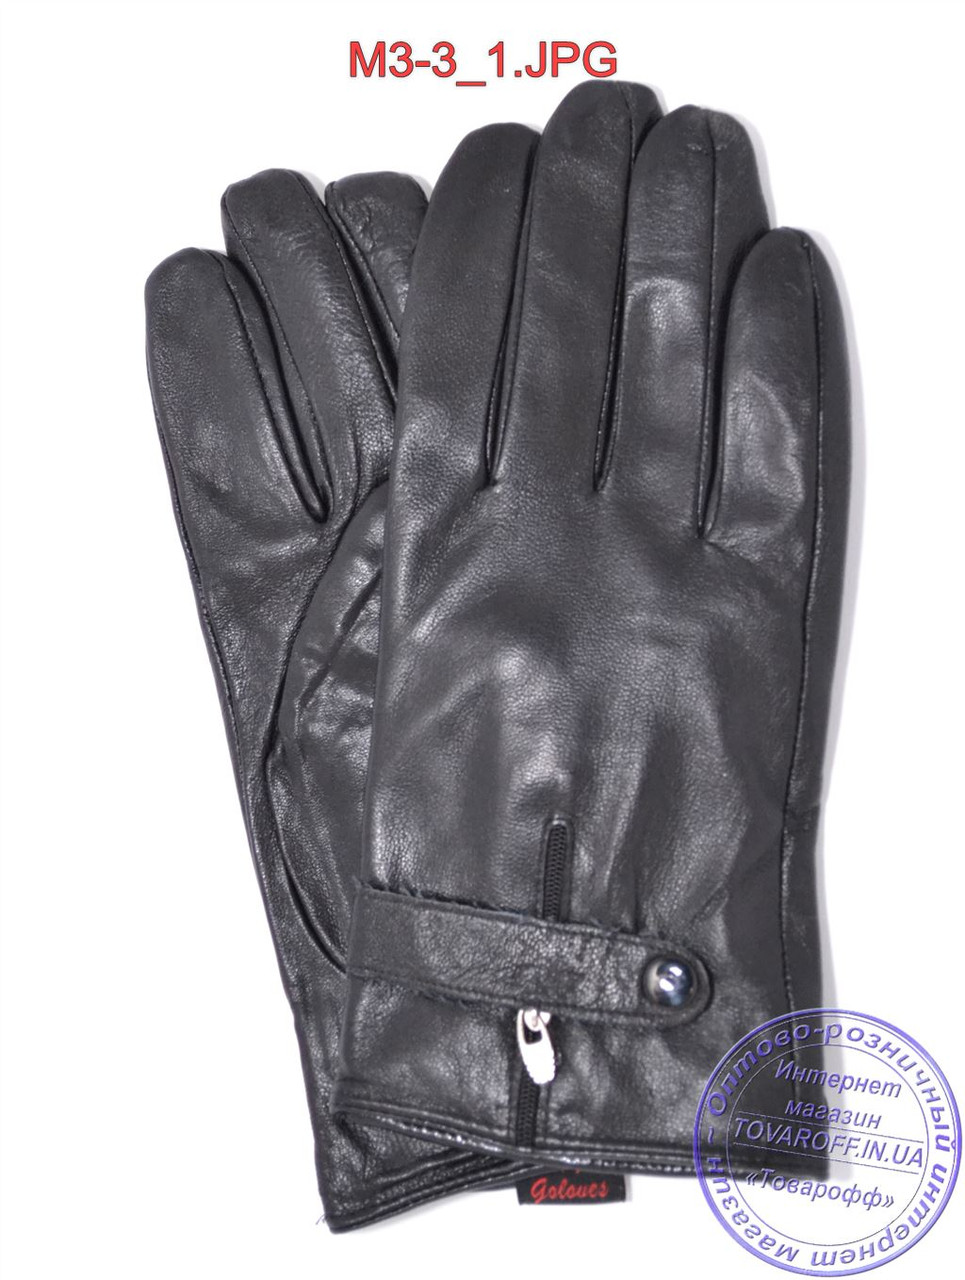 Мужские демисезонные кожаные перчатки с плюшевой подкладкой  - №M3-3